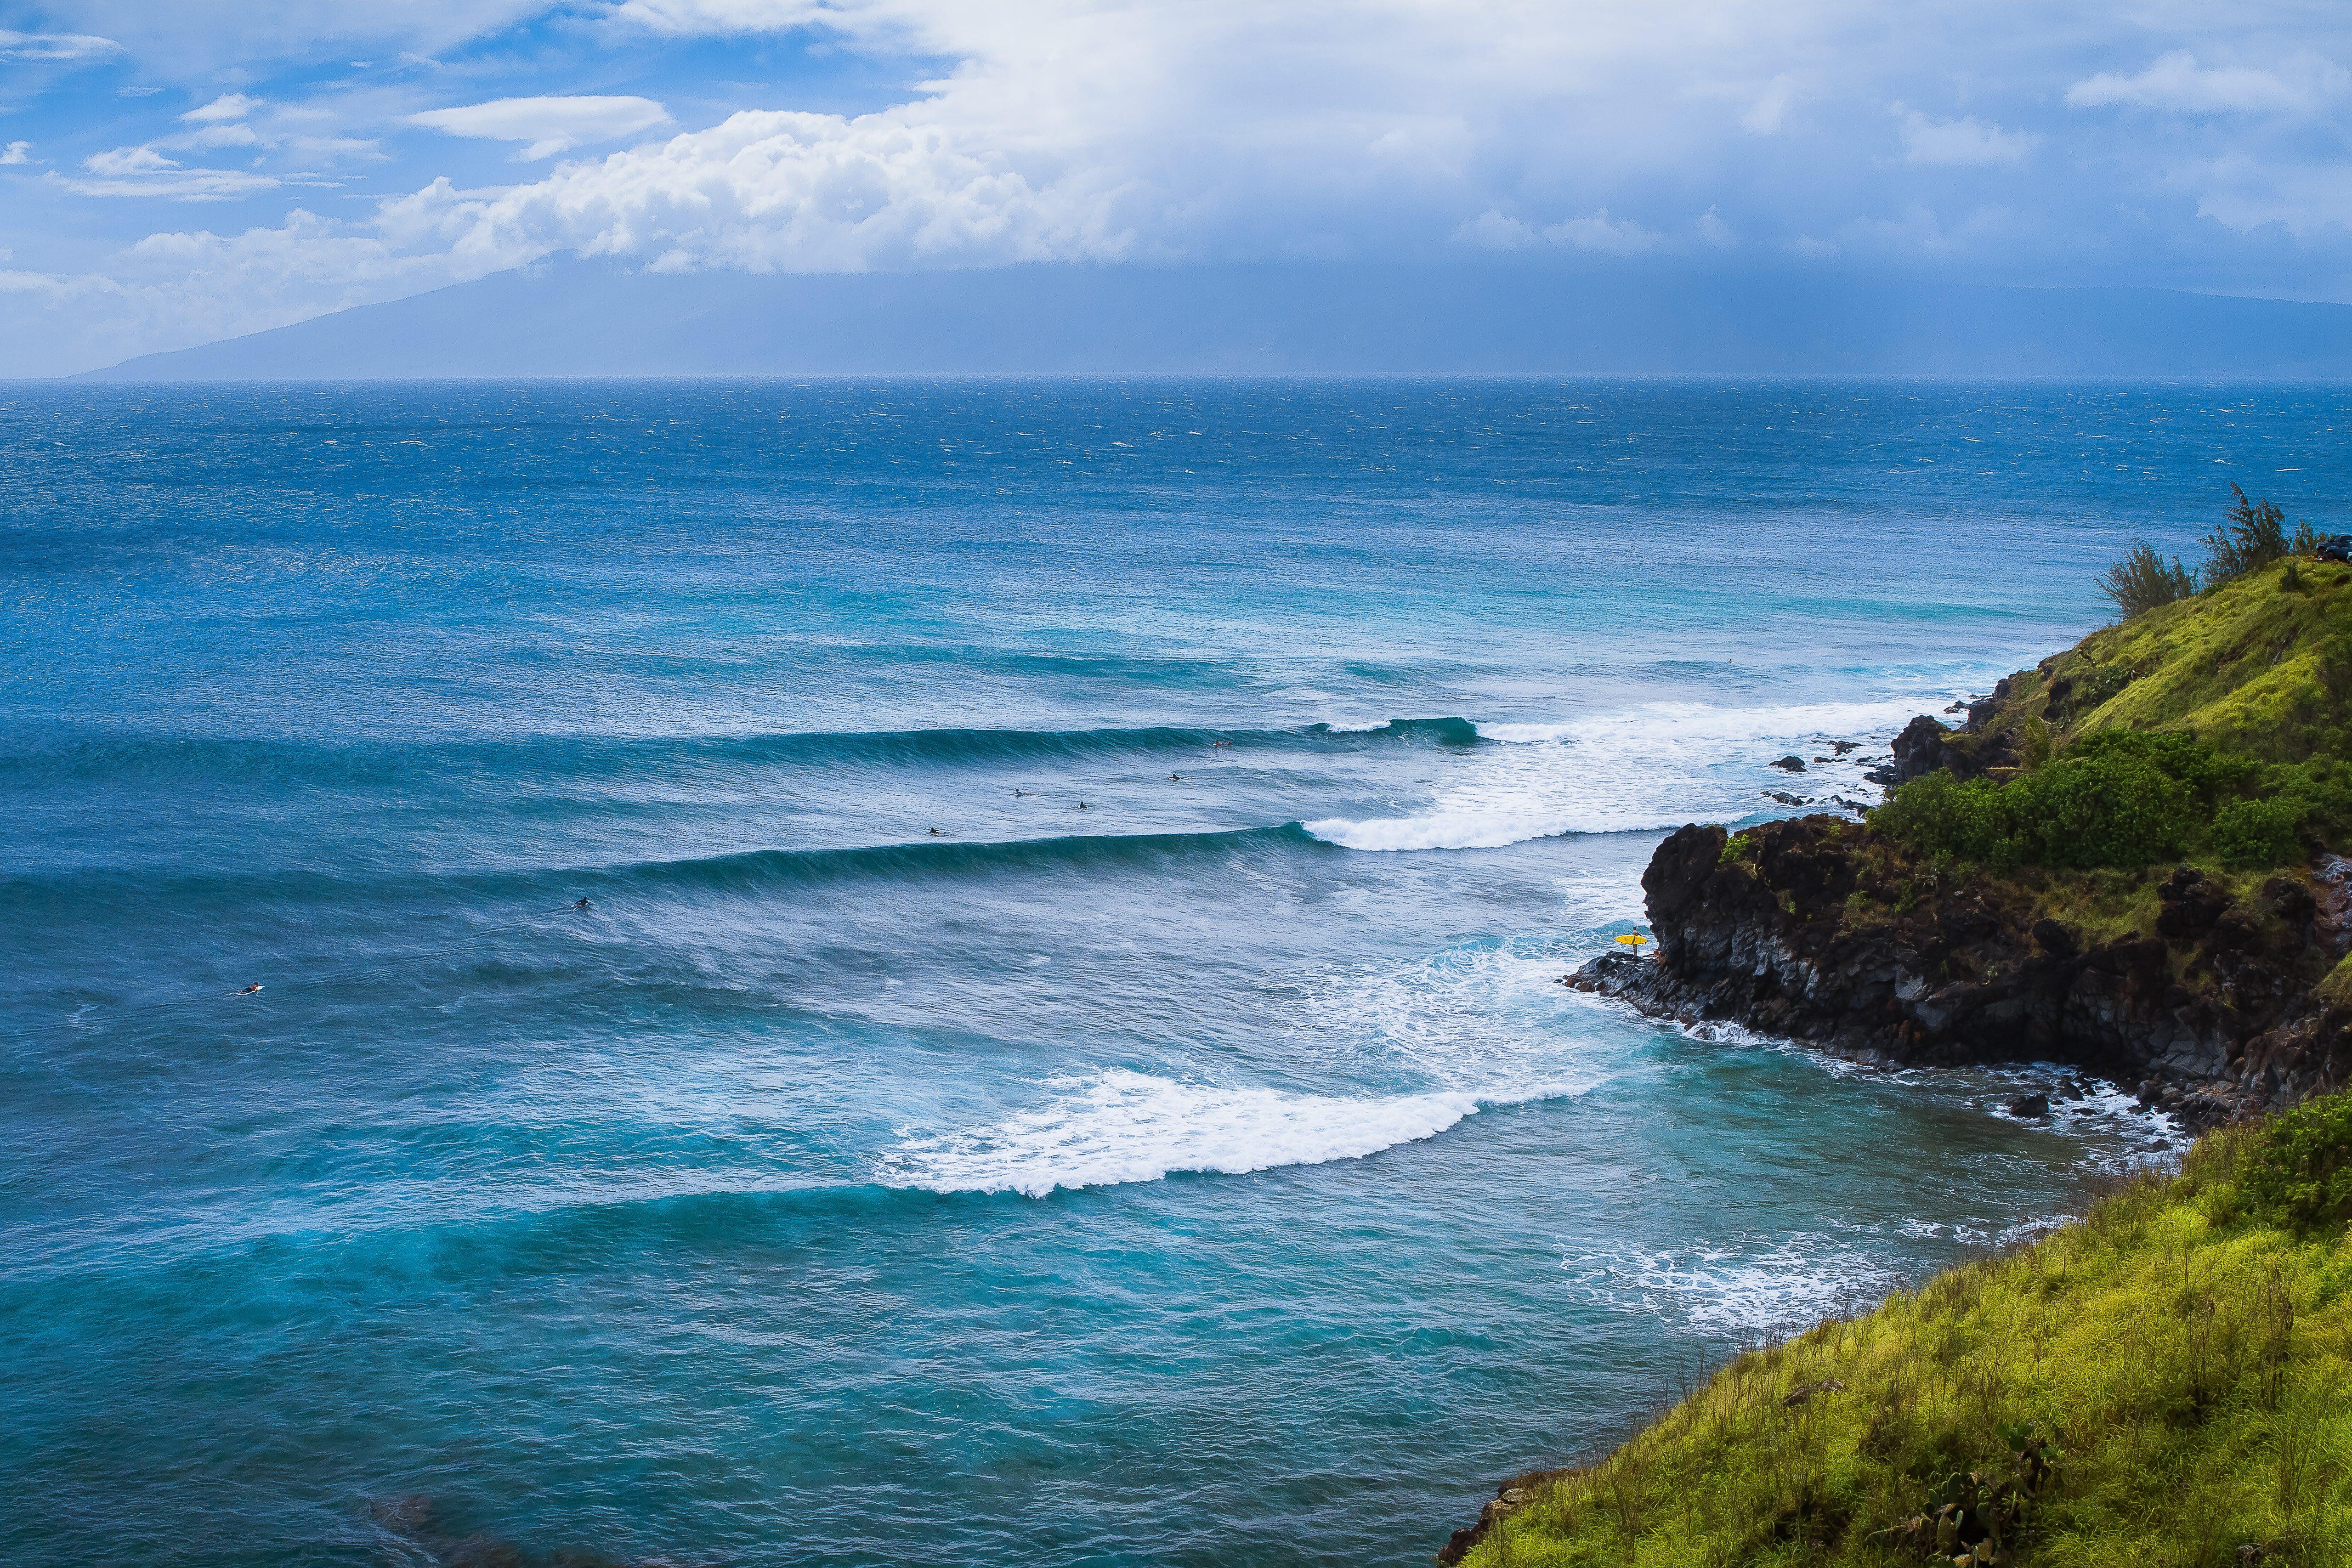 newHAWAII